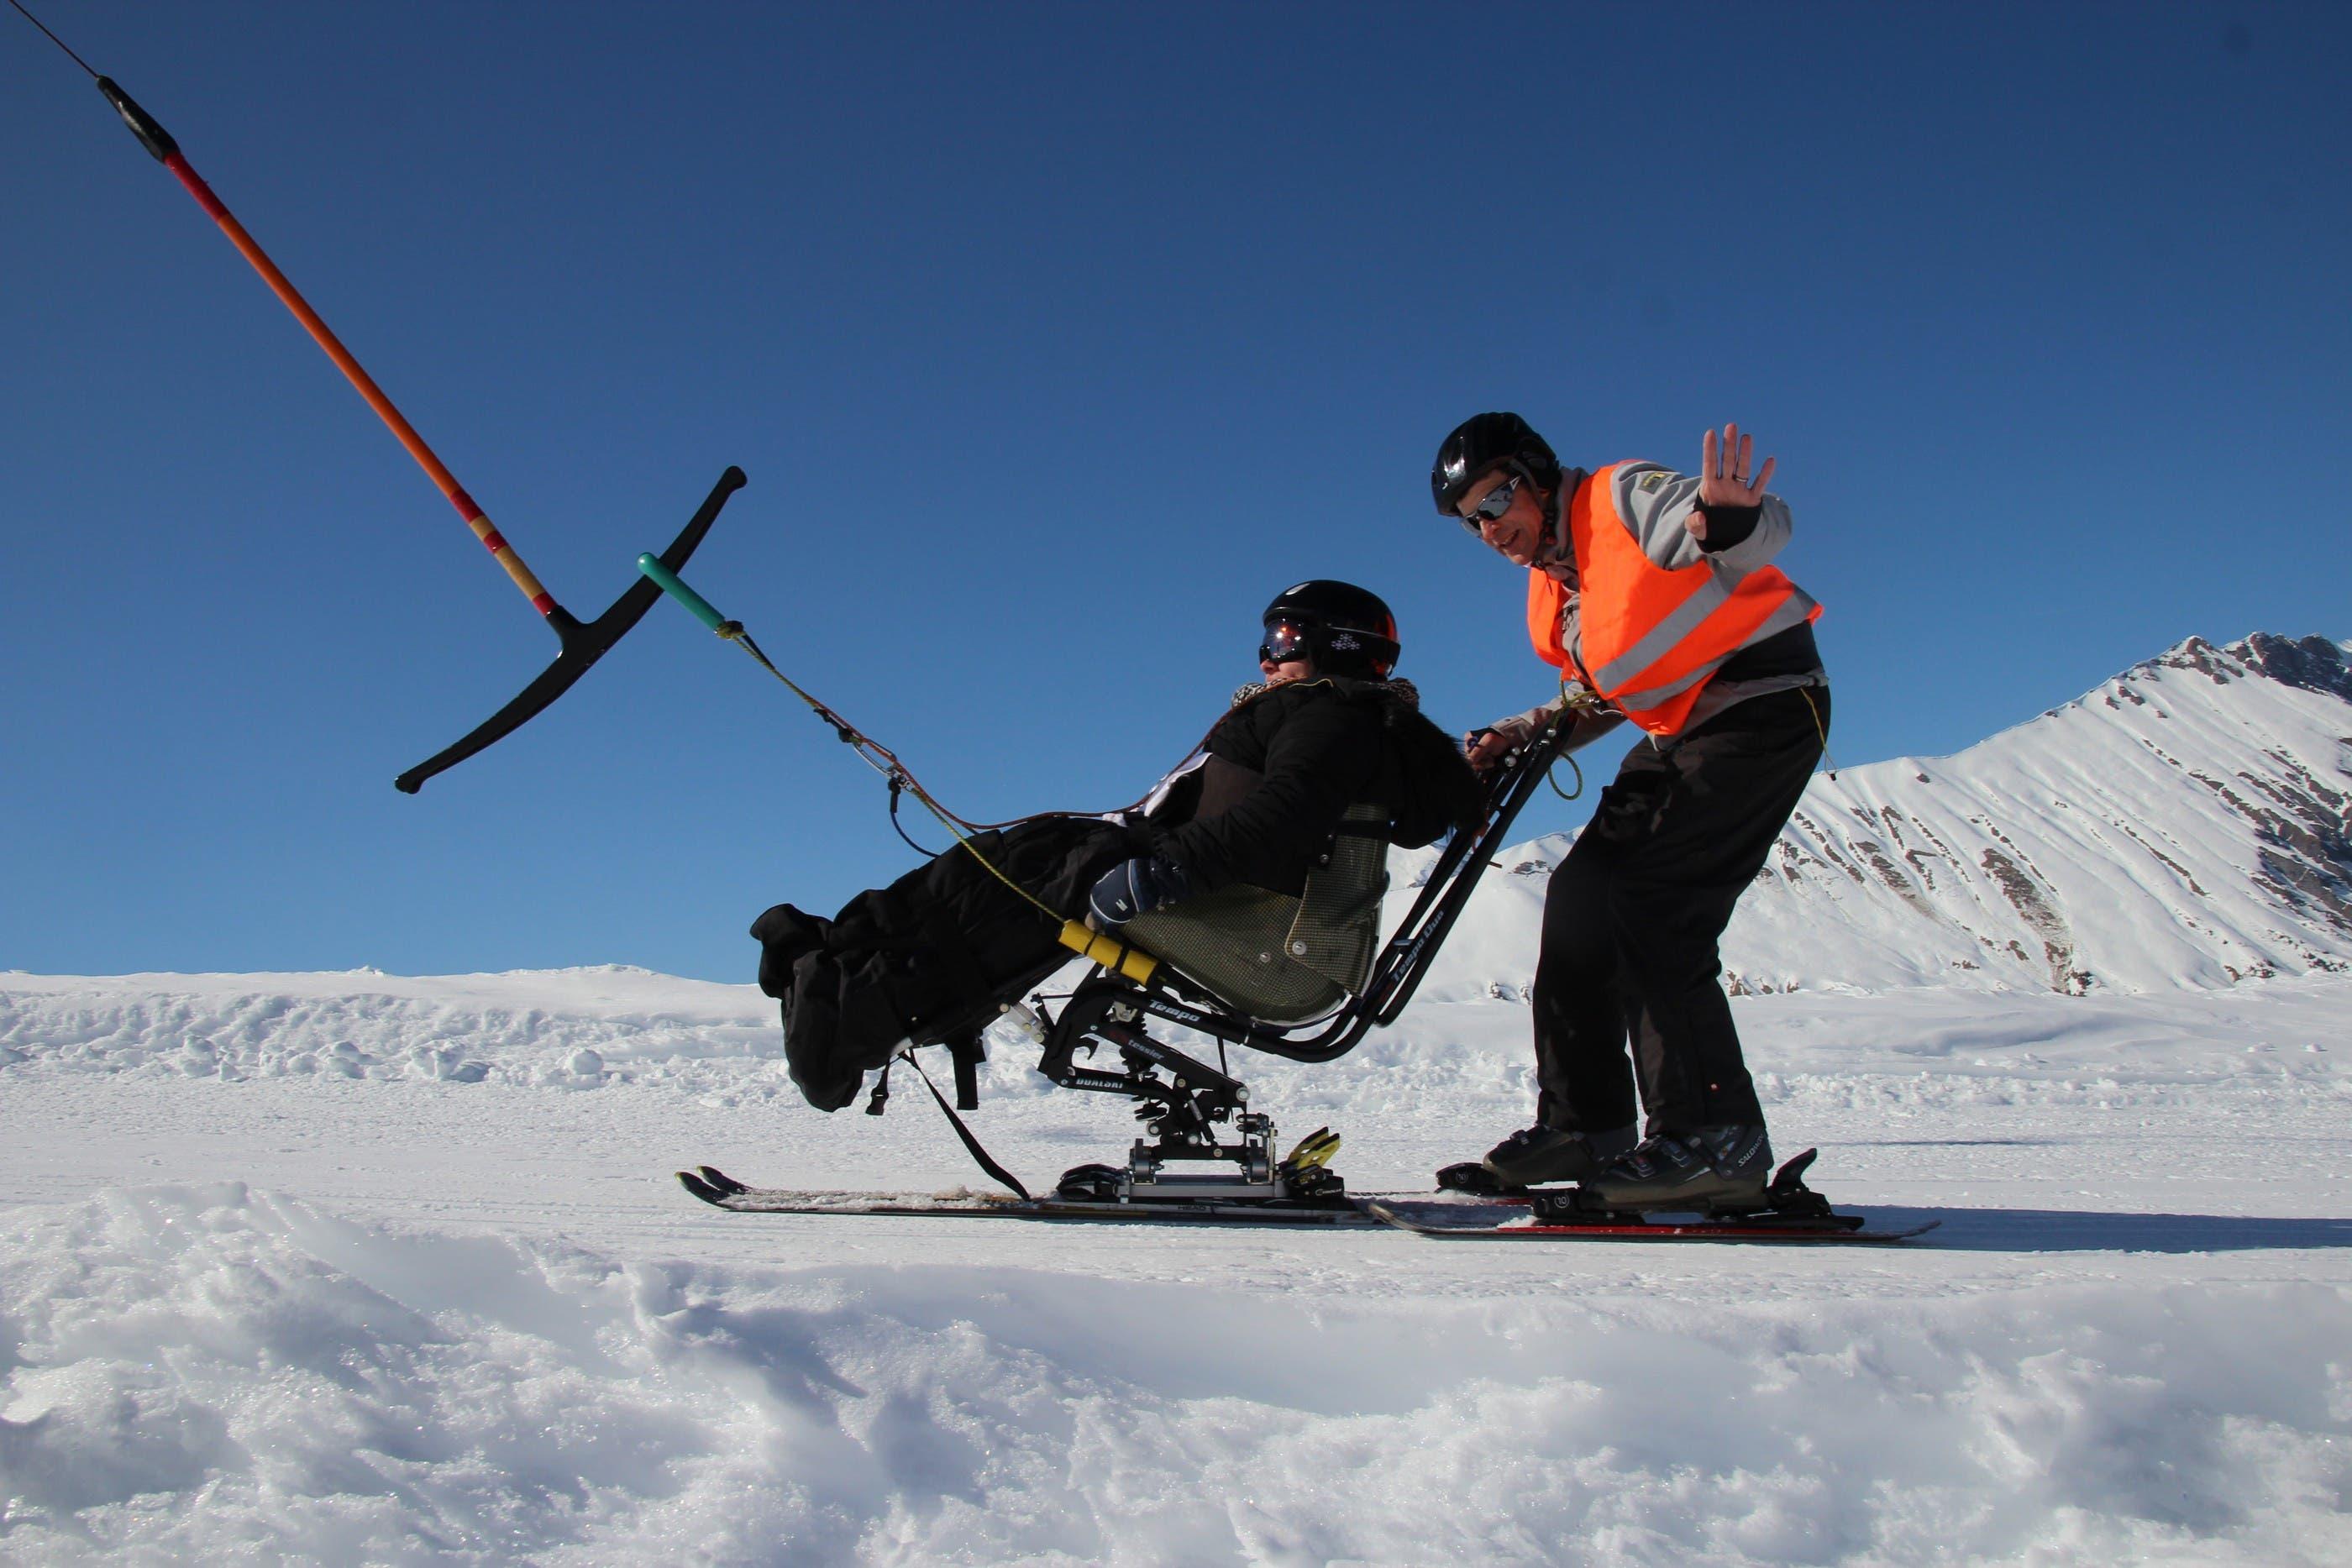 Die Sitzschale ist über eine sensible Konstruktion mit den beiden Ski verbunden